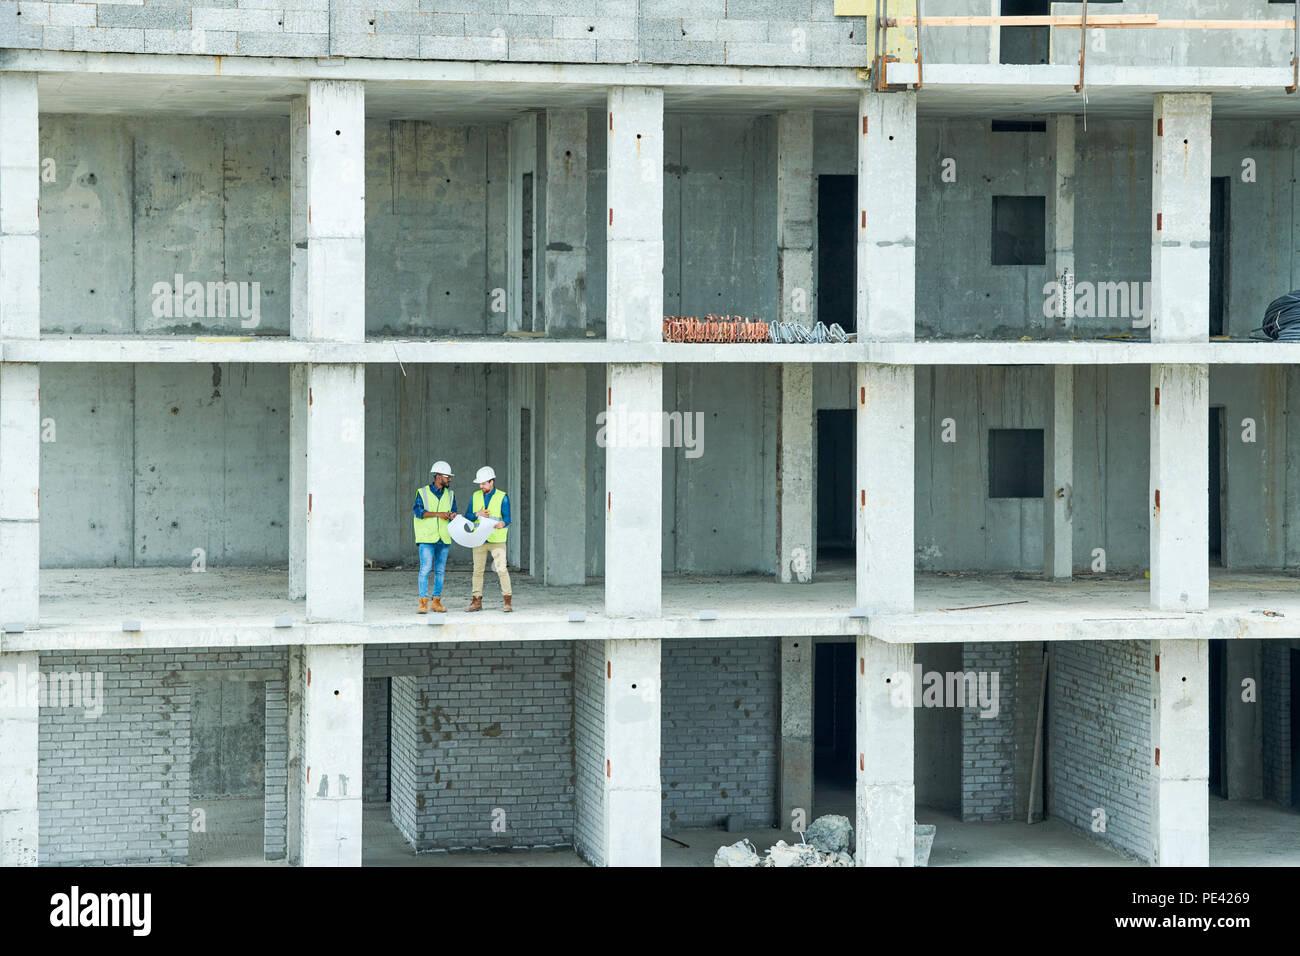 Les ingénieurs de construction en bâtiment inachevé Photo Stock